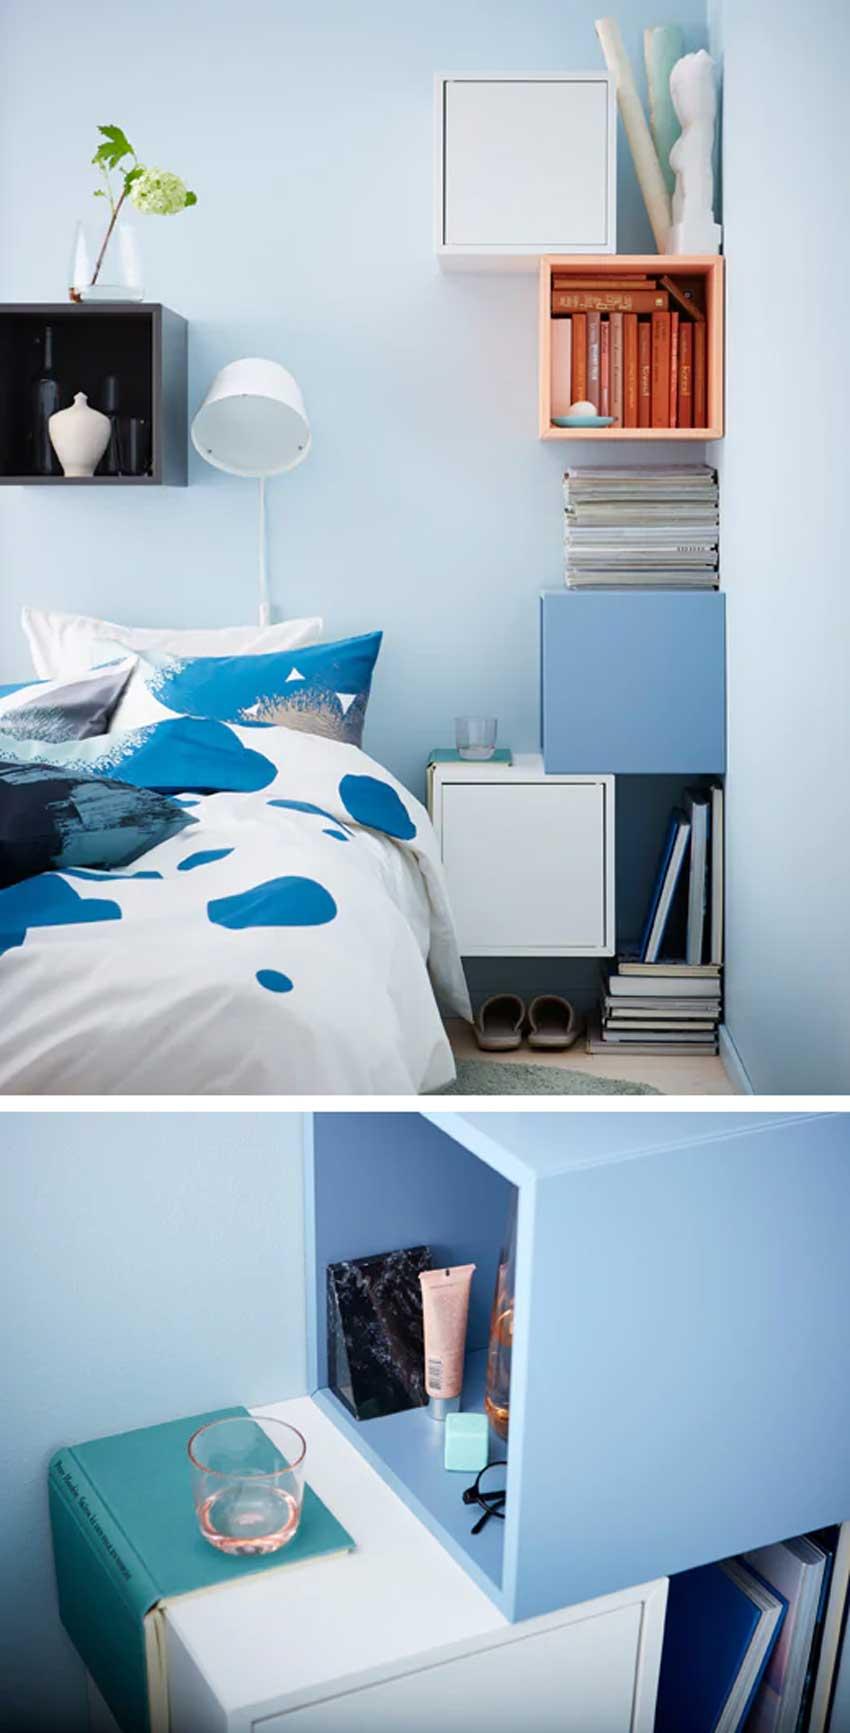 Ikea comodini con le mensole Eket in camera da letto